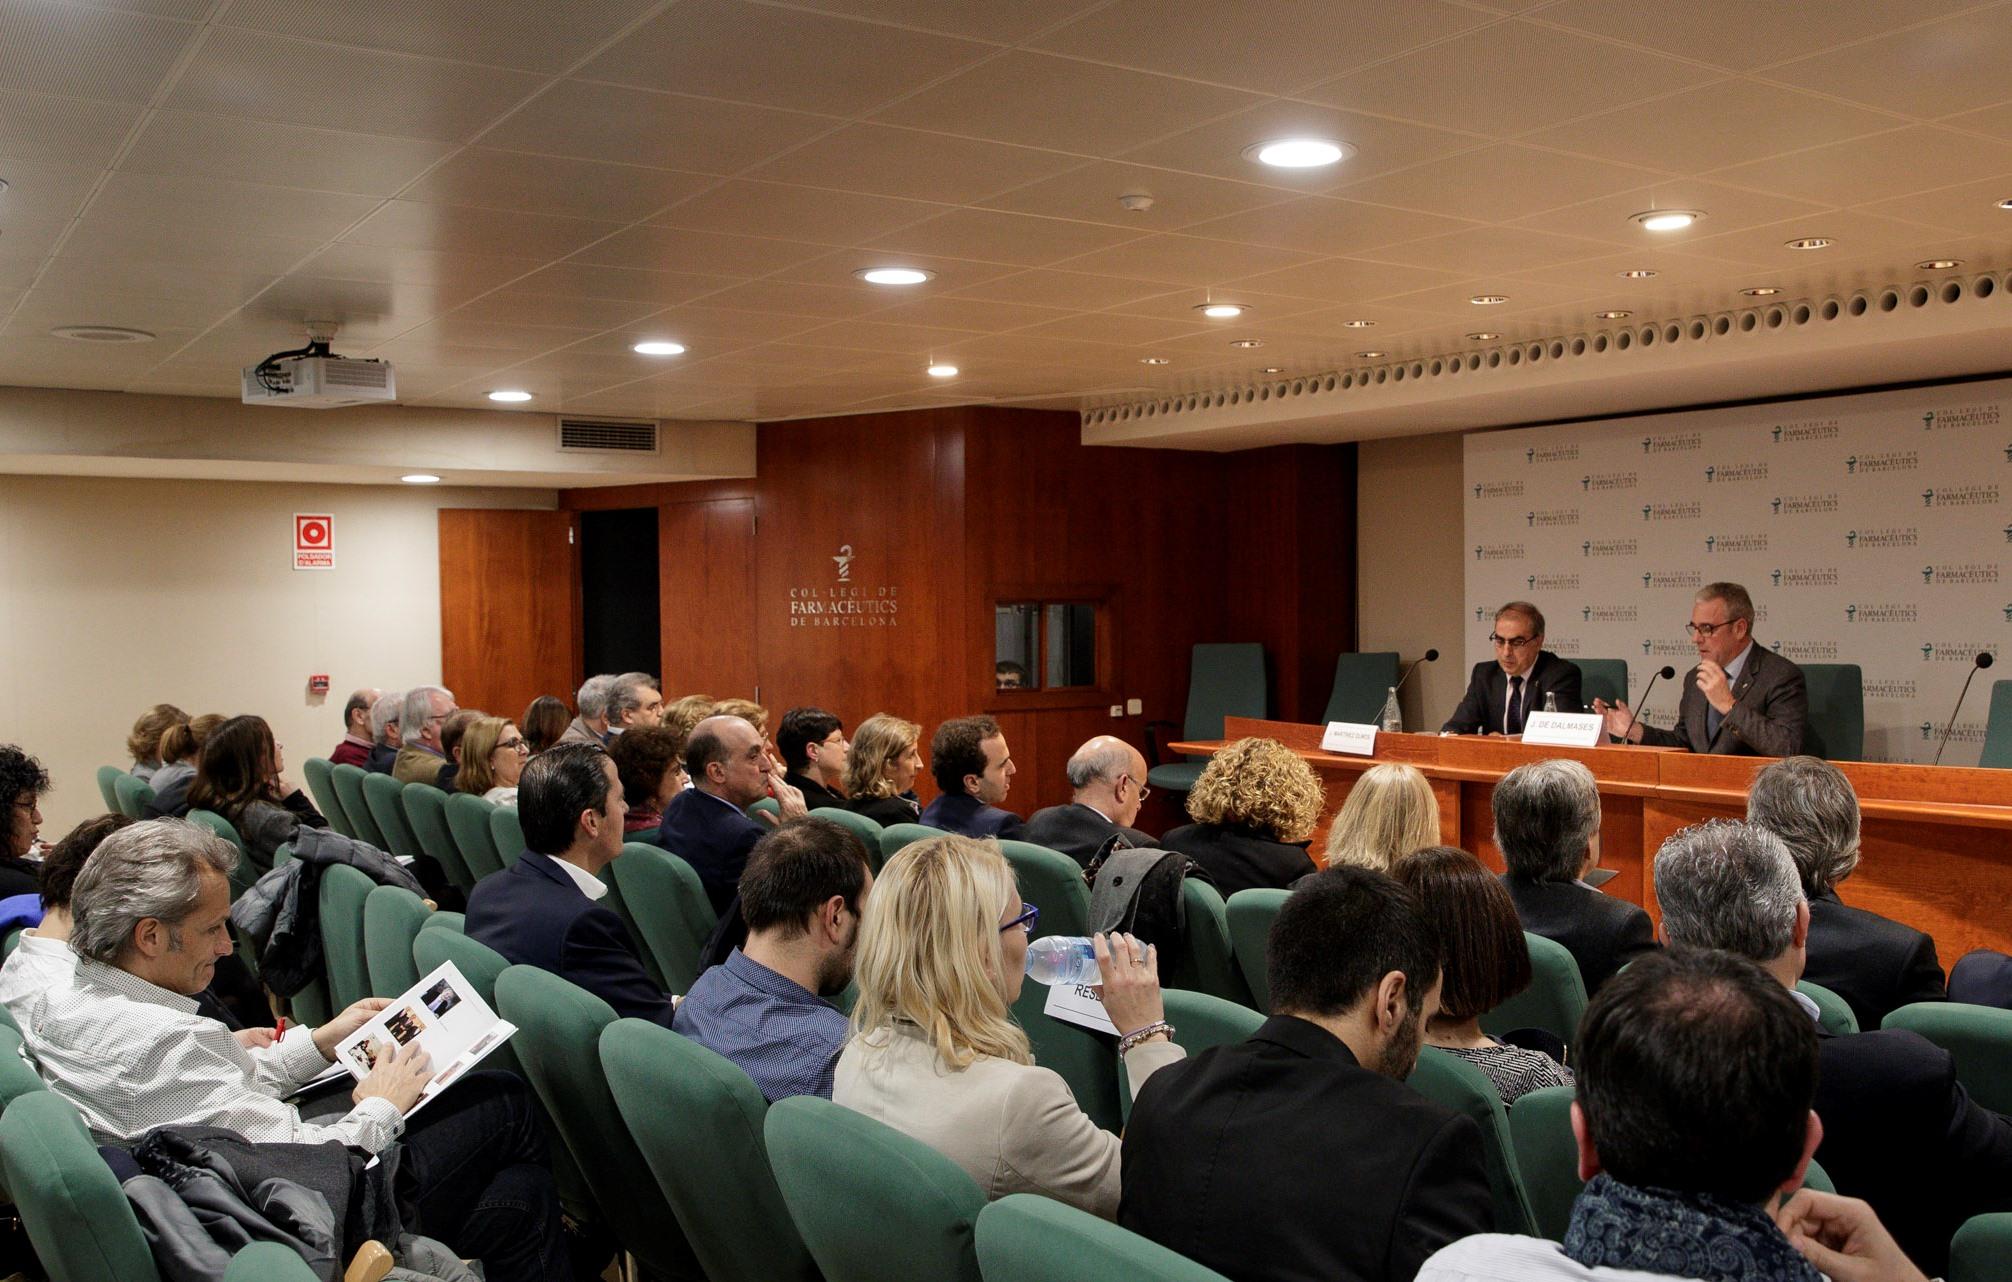 Martínez Olmos i De Dalmases van posar sobre la taula les seves reflexions sobre el futur de la Farmàcia.